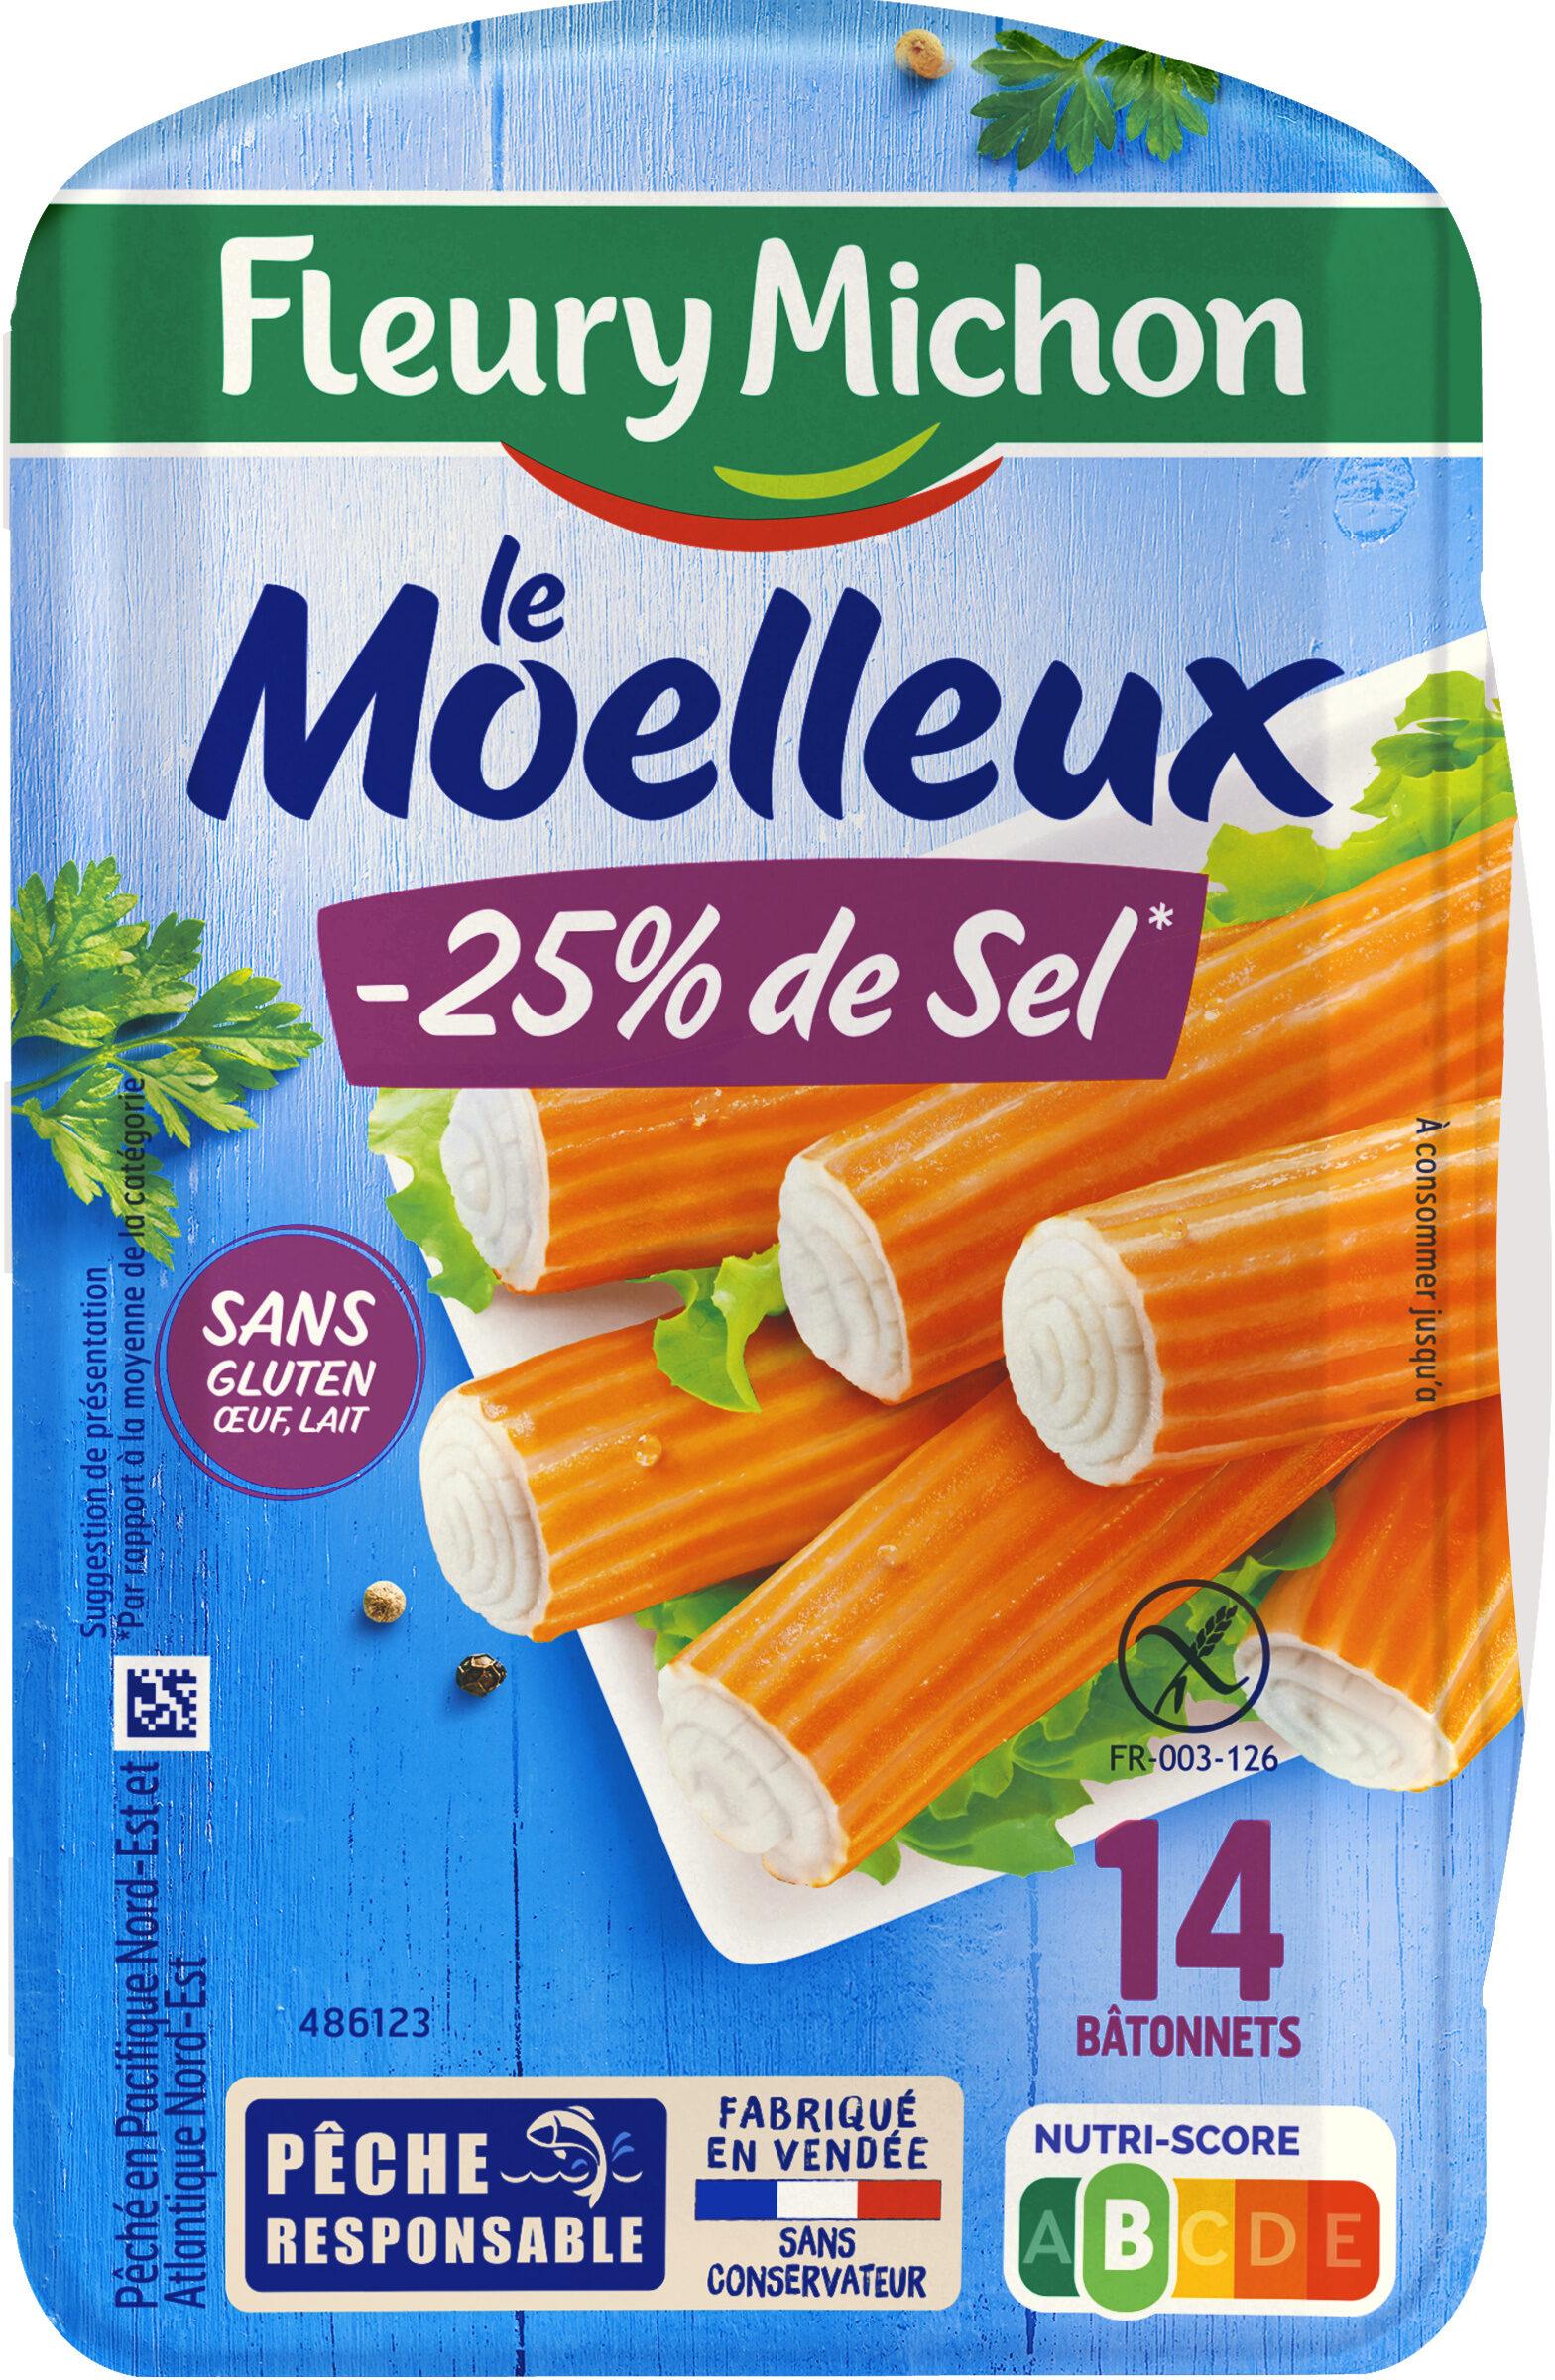 Le Moelleux -25% de Sel - Product - fr